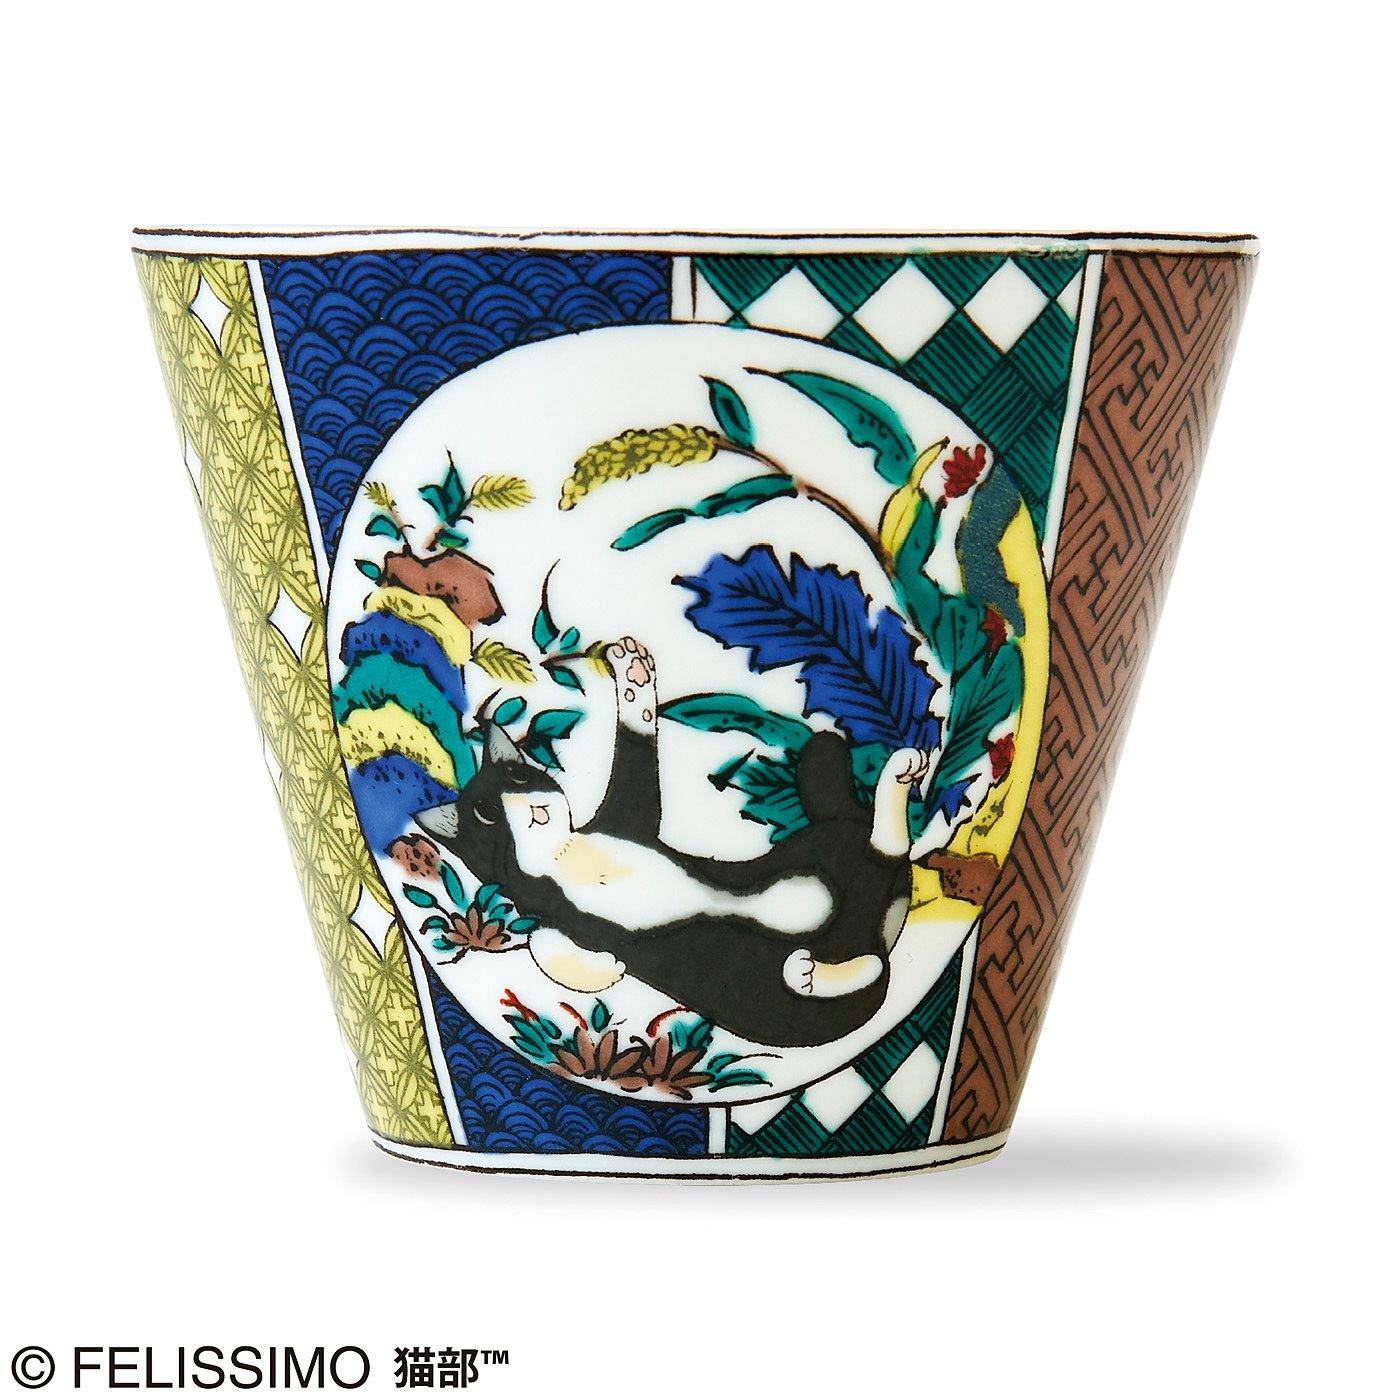 漫画家 山野りんりんさんとつくった 猫が遊ぶ伝統柄の九谷焼そばちょこの会